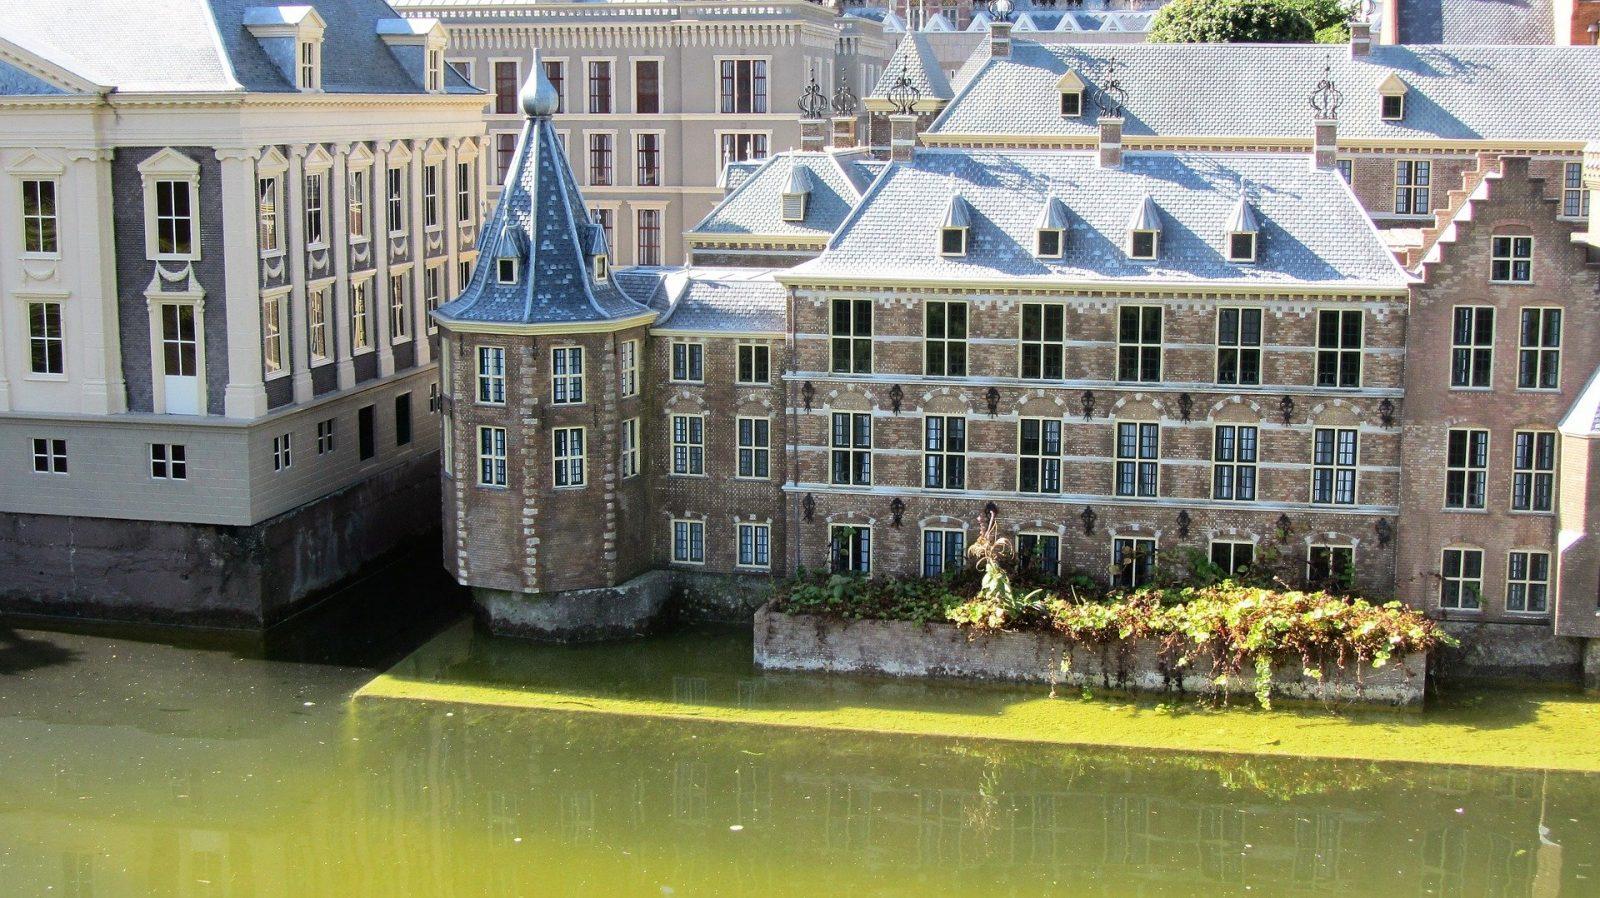 Regering Den Haag